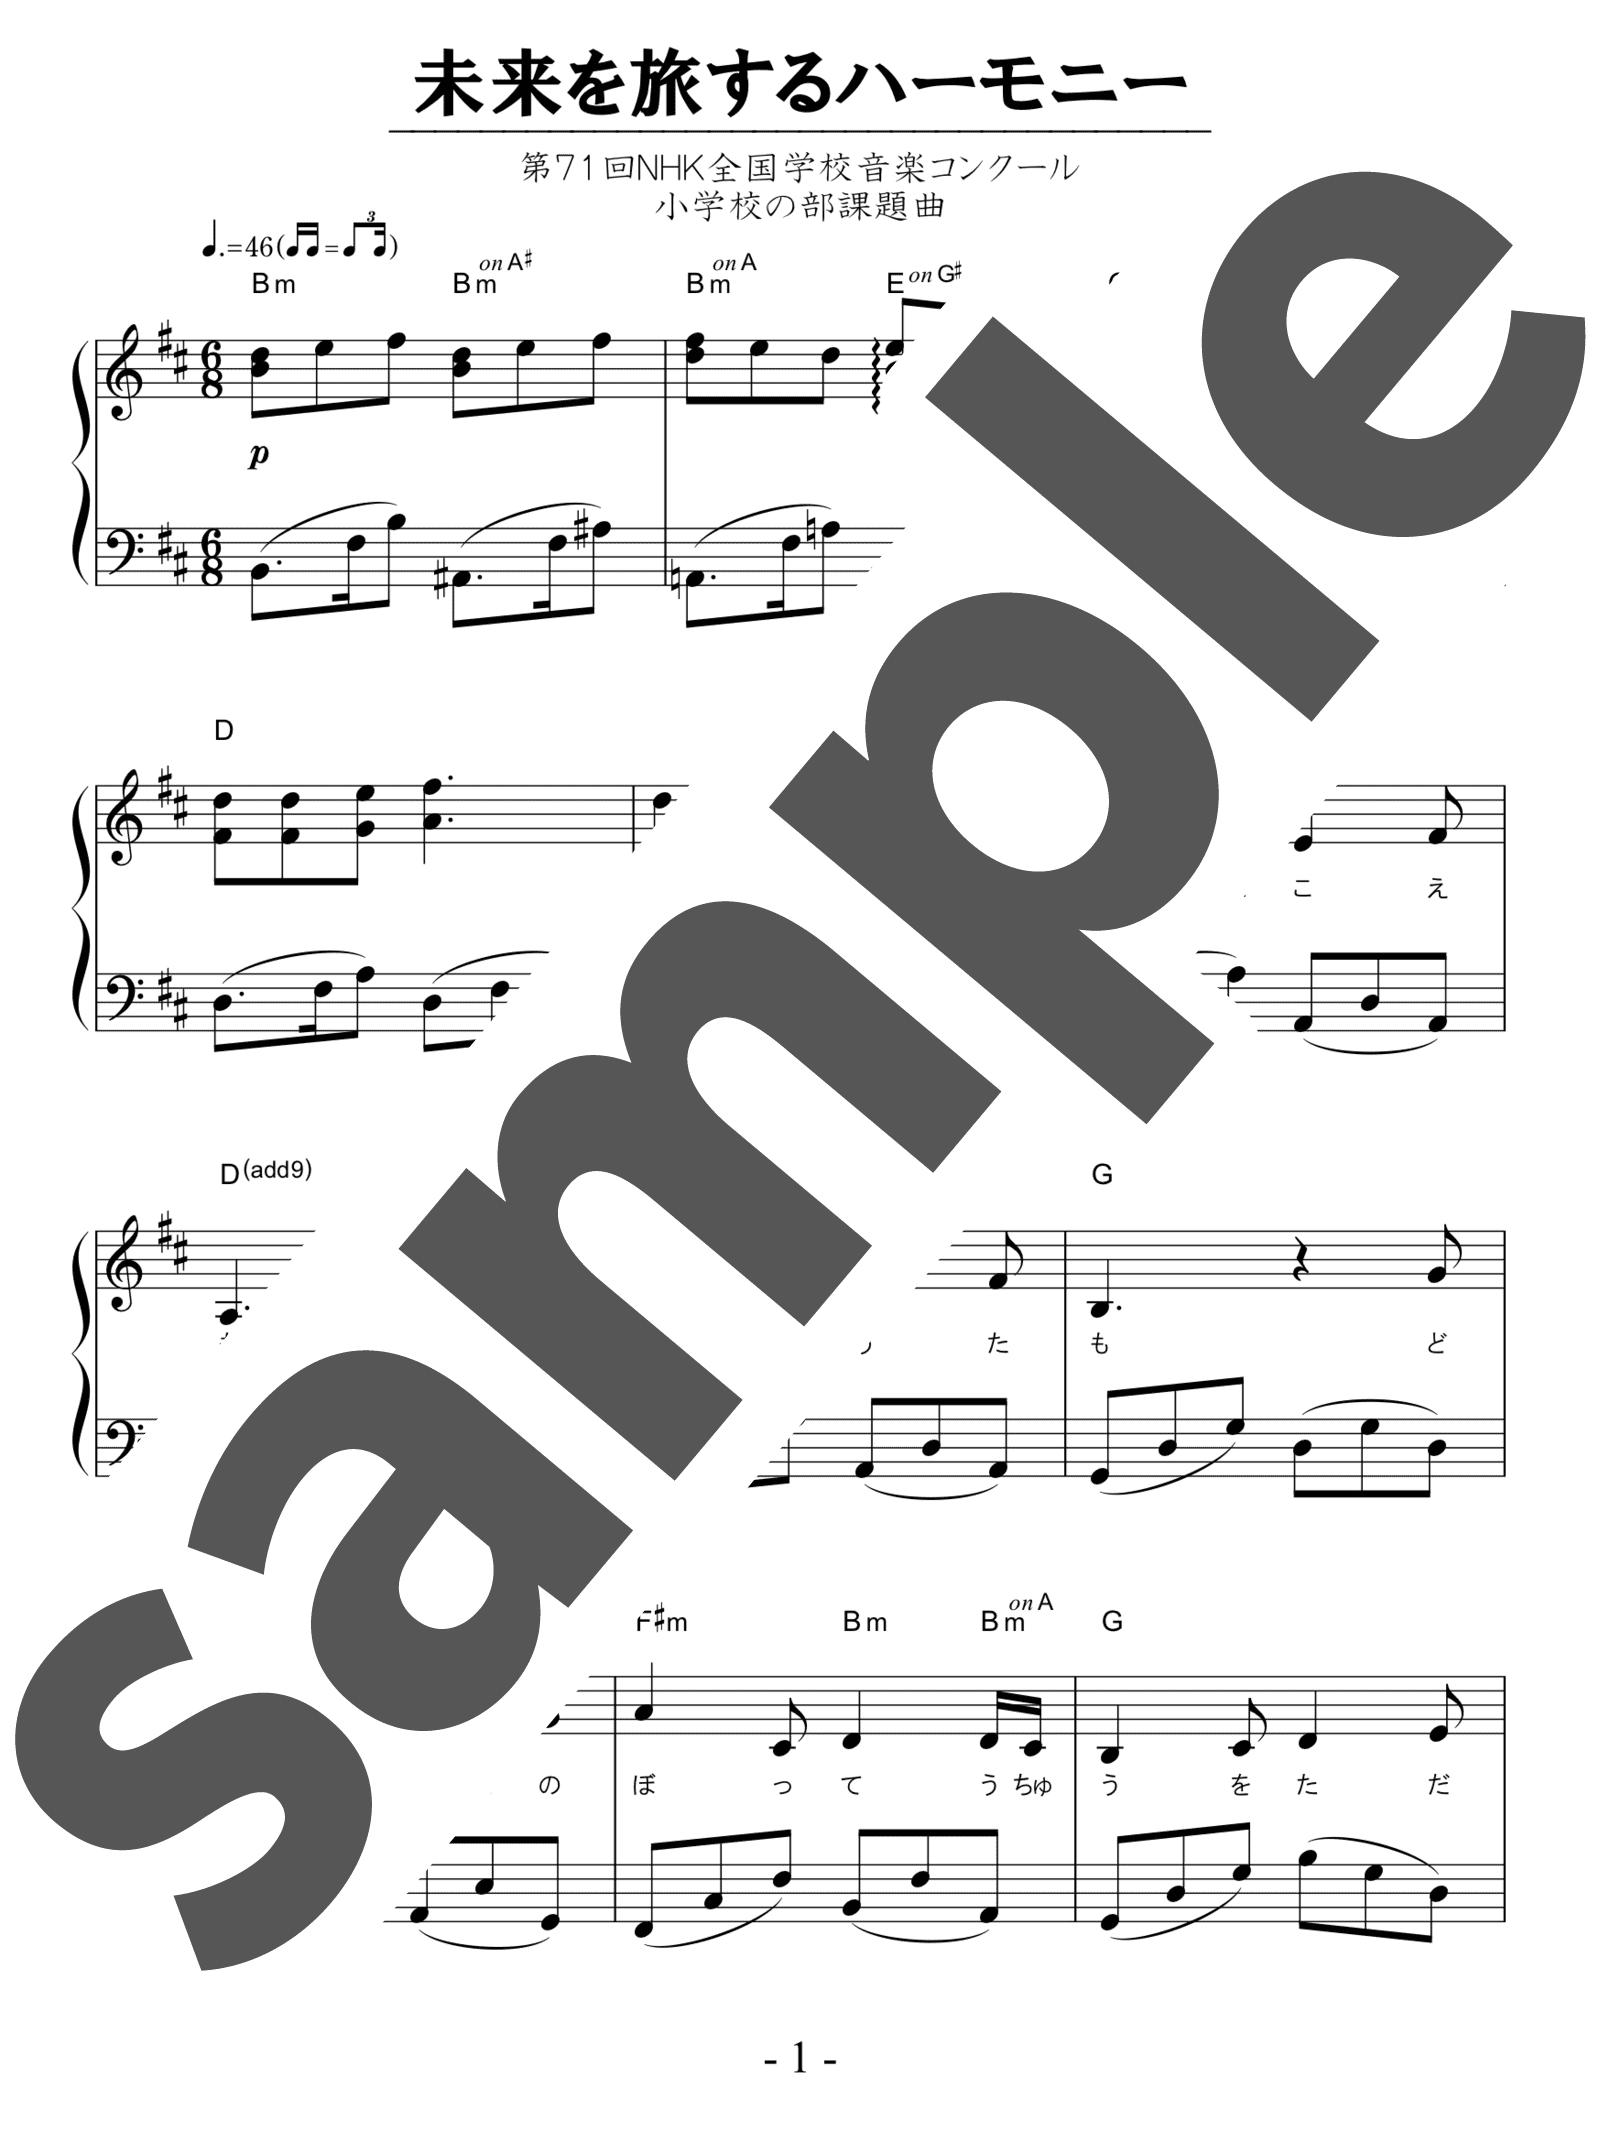 「未来を旅するハーモニー」のサンプル楽譜